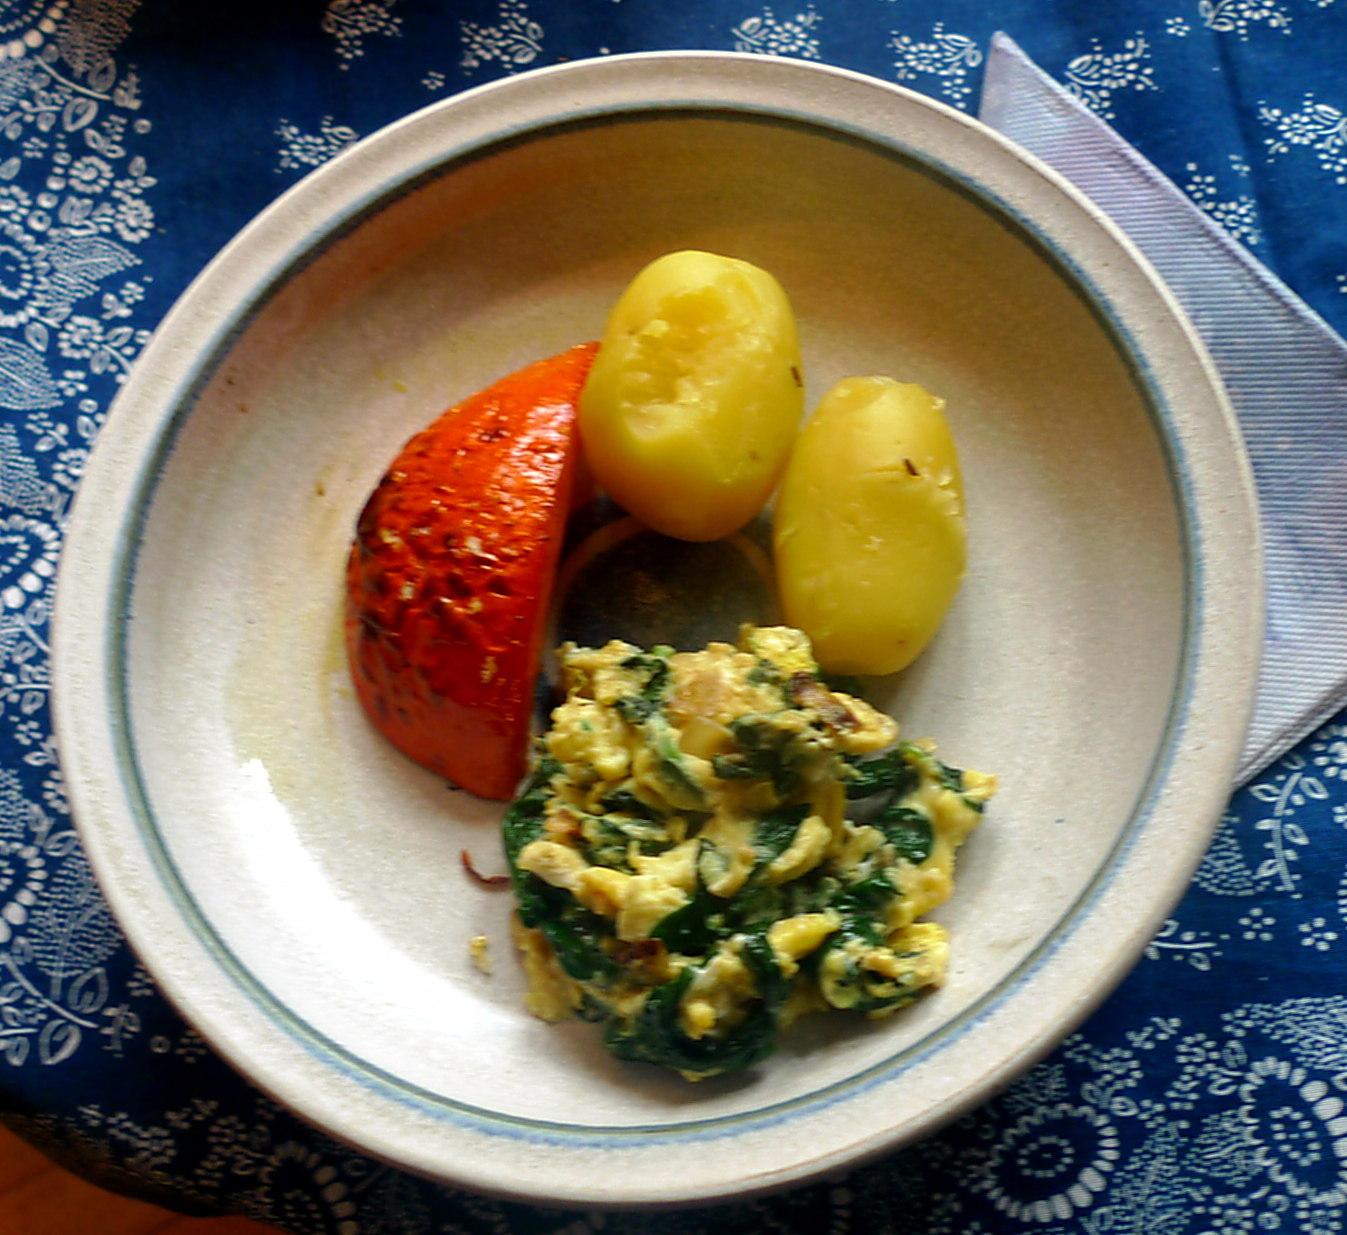 hokkaidospinaqtruhreipellkartoffelvegetarisch-1